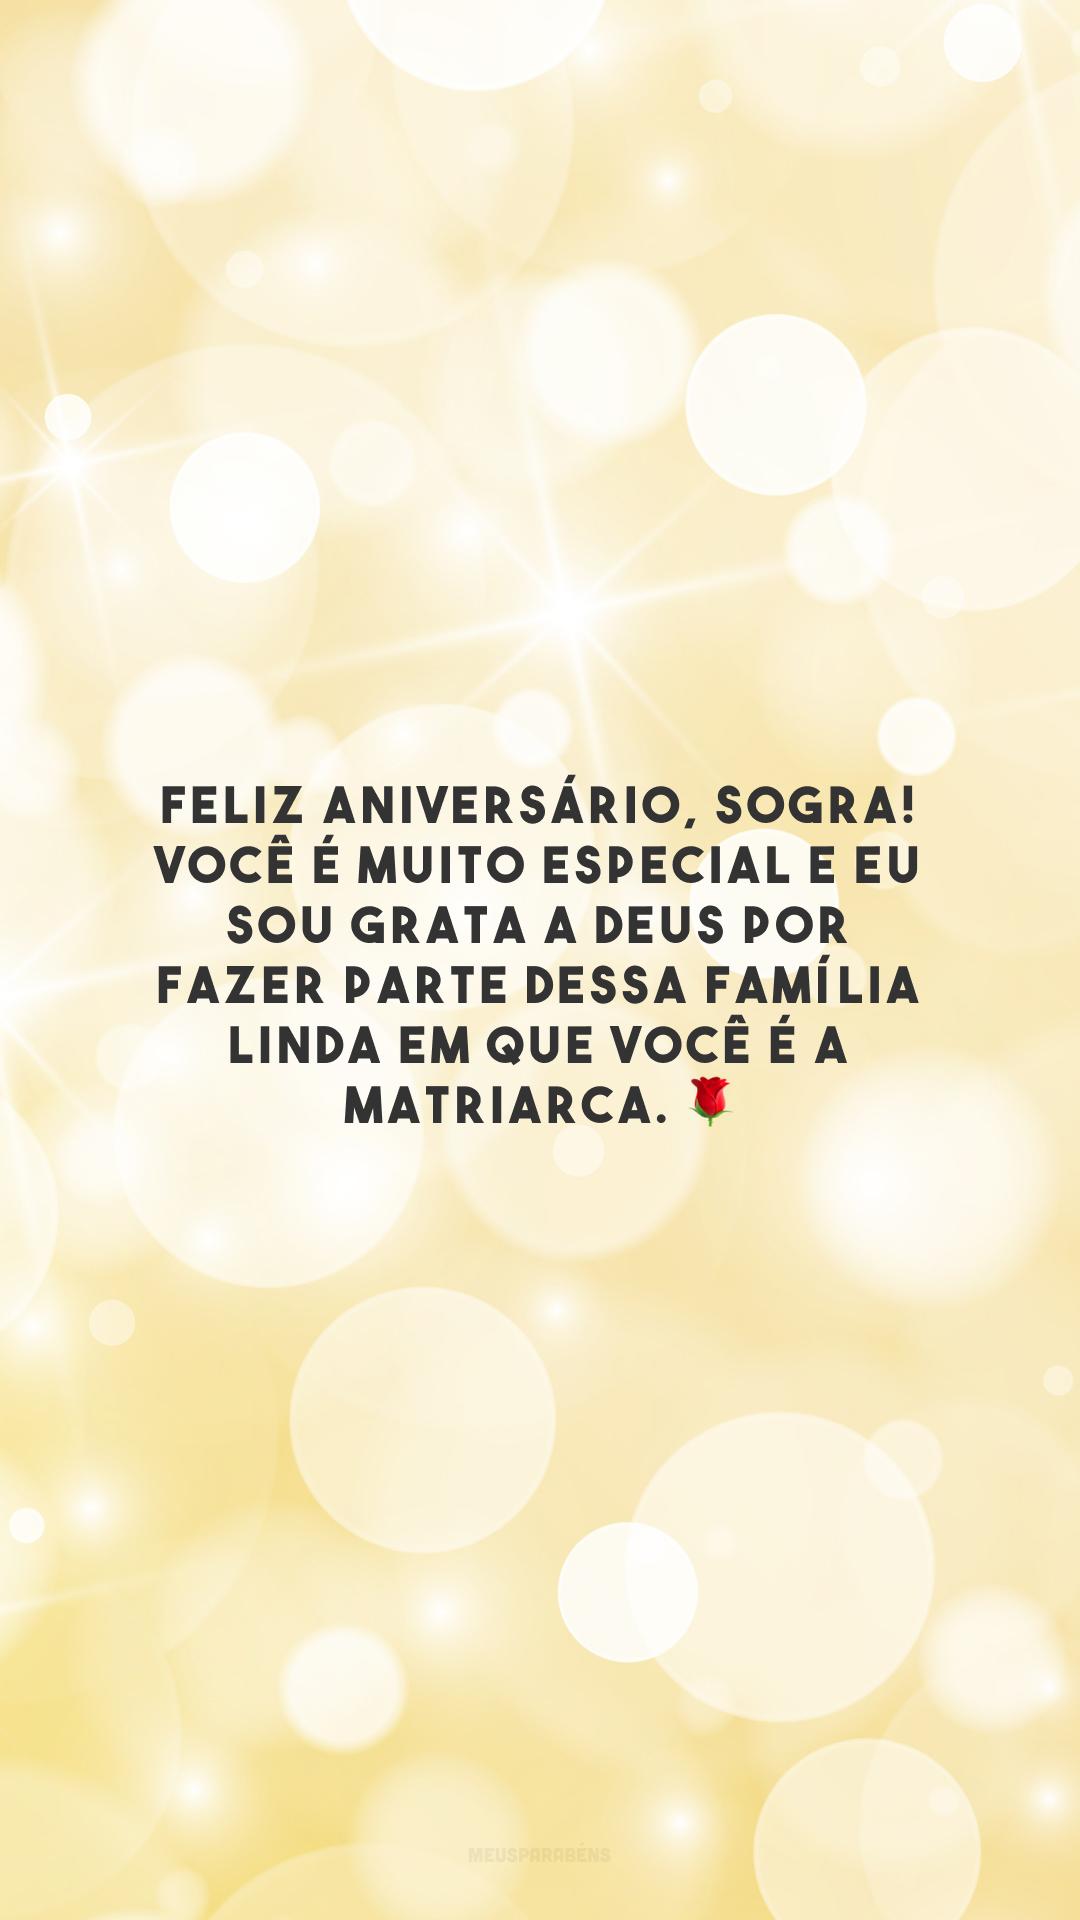 Feliz aniversário, sogra! Você é muito especial e eu sou grata a Deus por fazer parte dessa família linda em que você é a matriarca. 🌹